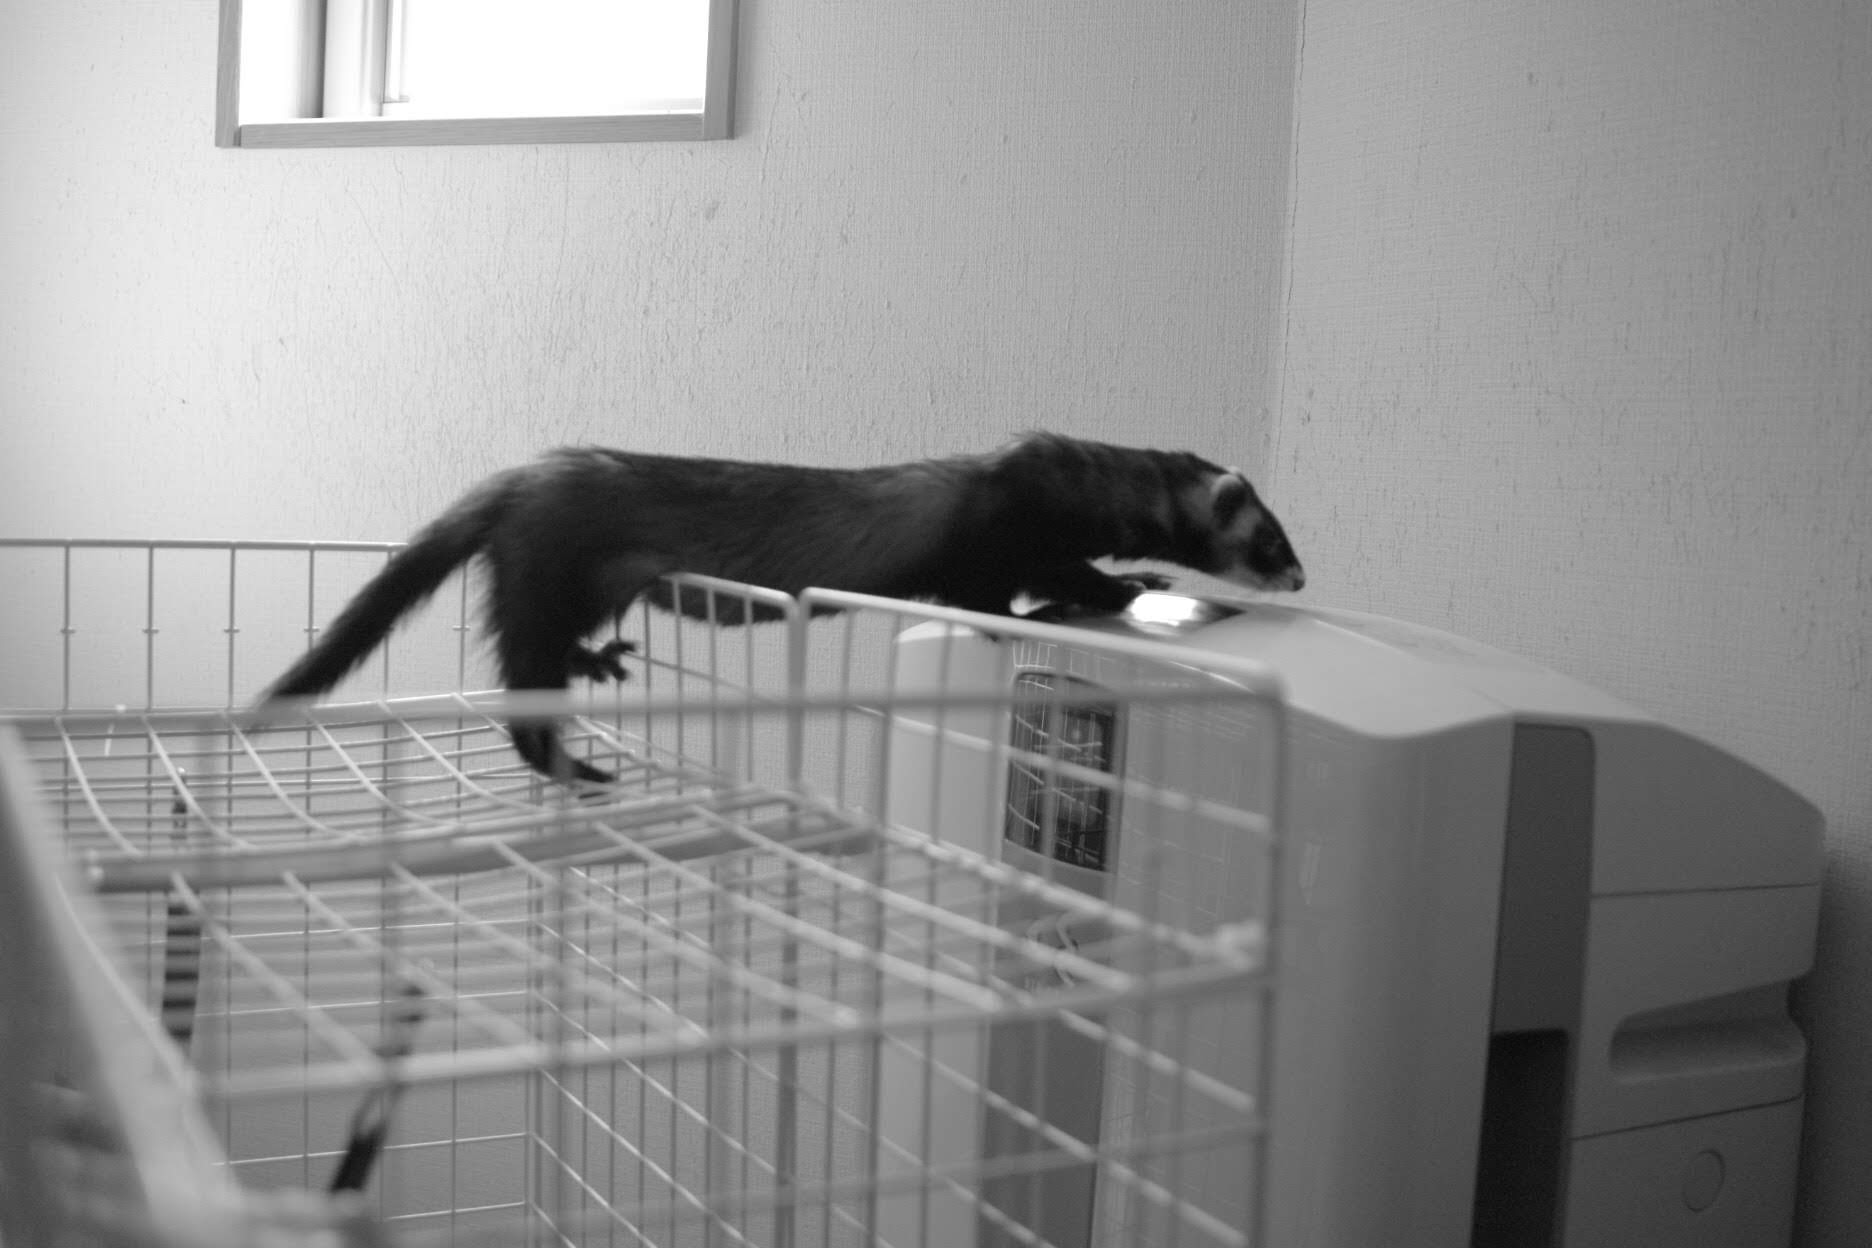 フェレット、脱獄するフェレット、ノスタルジック、白黒写真、DP2